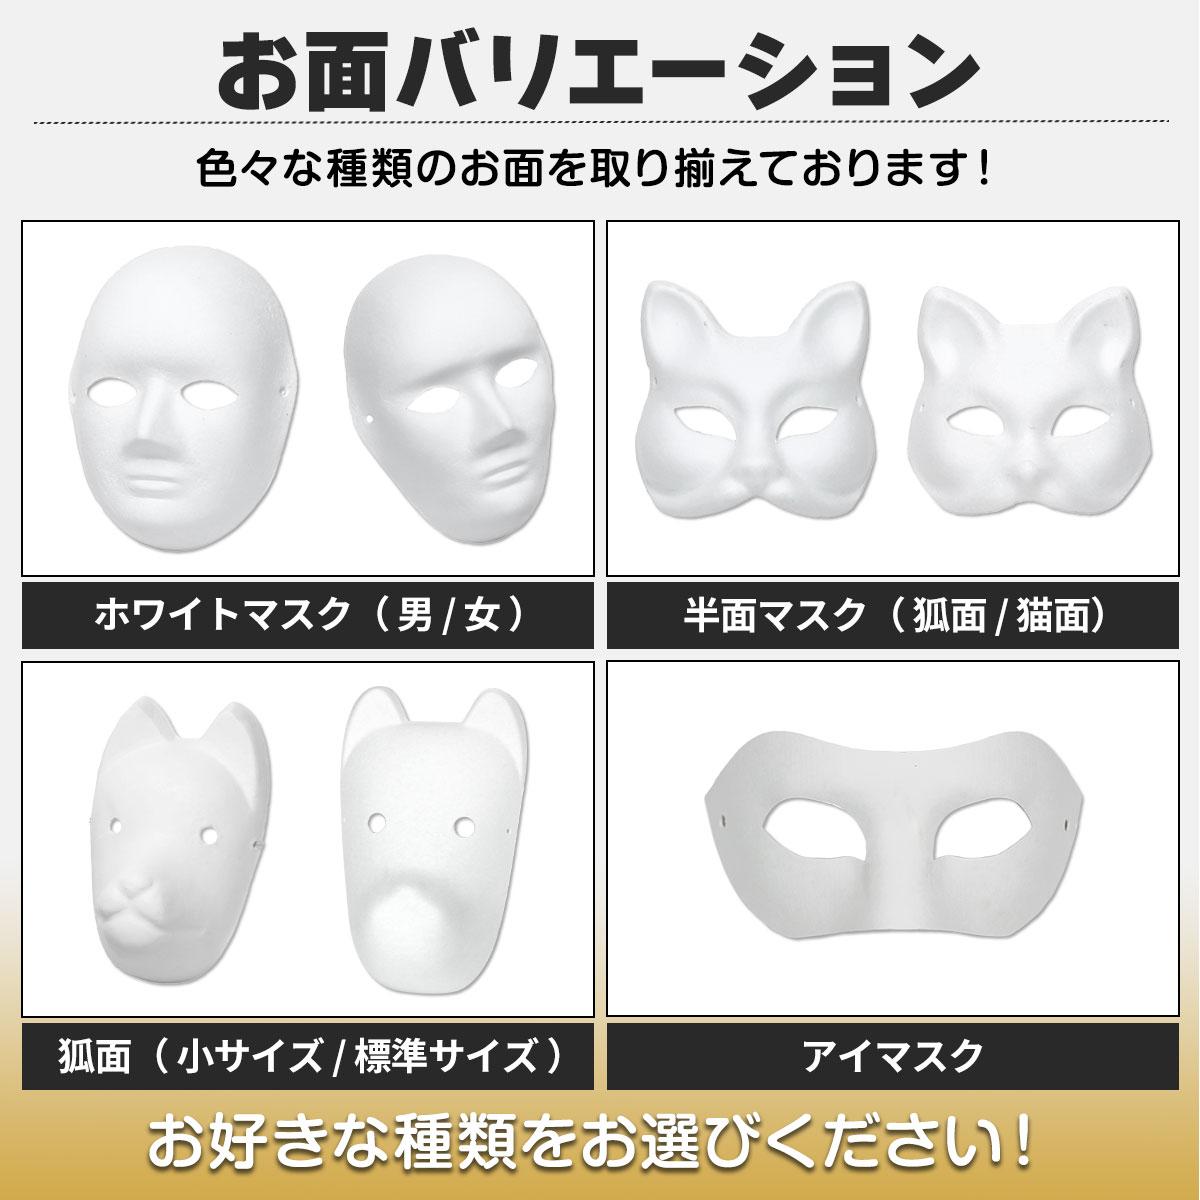 お面 半顔 狐面 猫面 ホワイトマスク 仮装 コスプレ ペイント 紙パルプ製 【10枚セット】